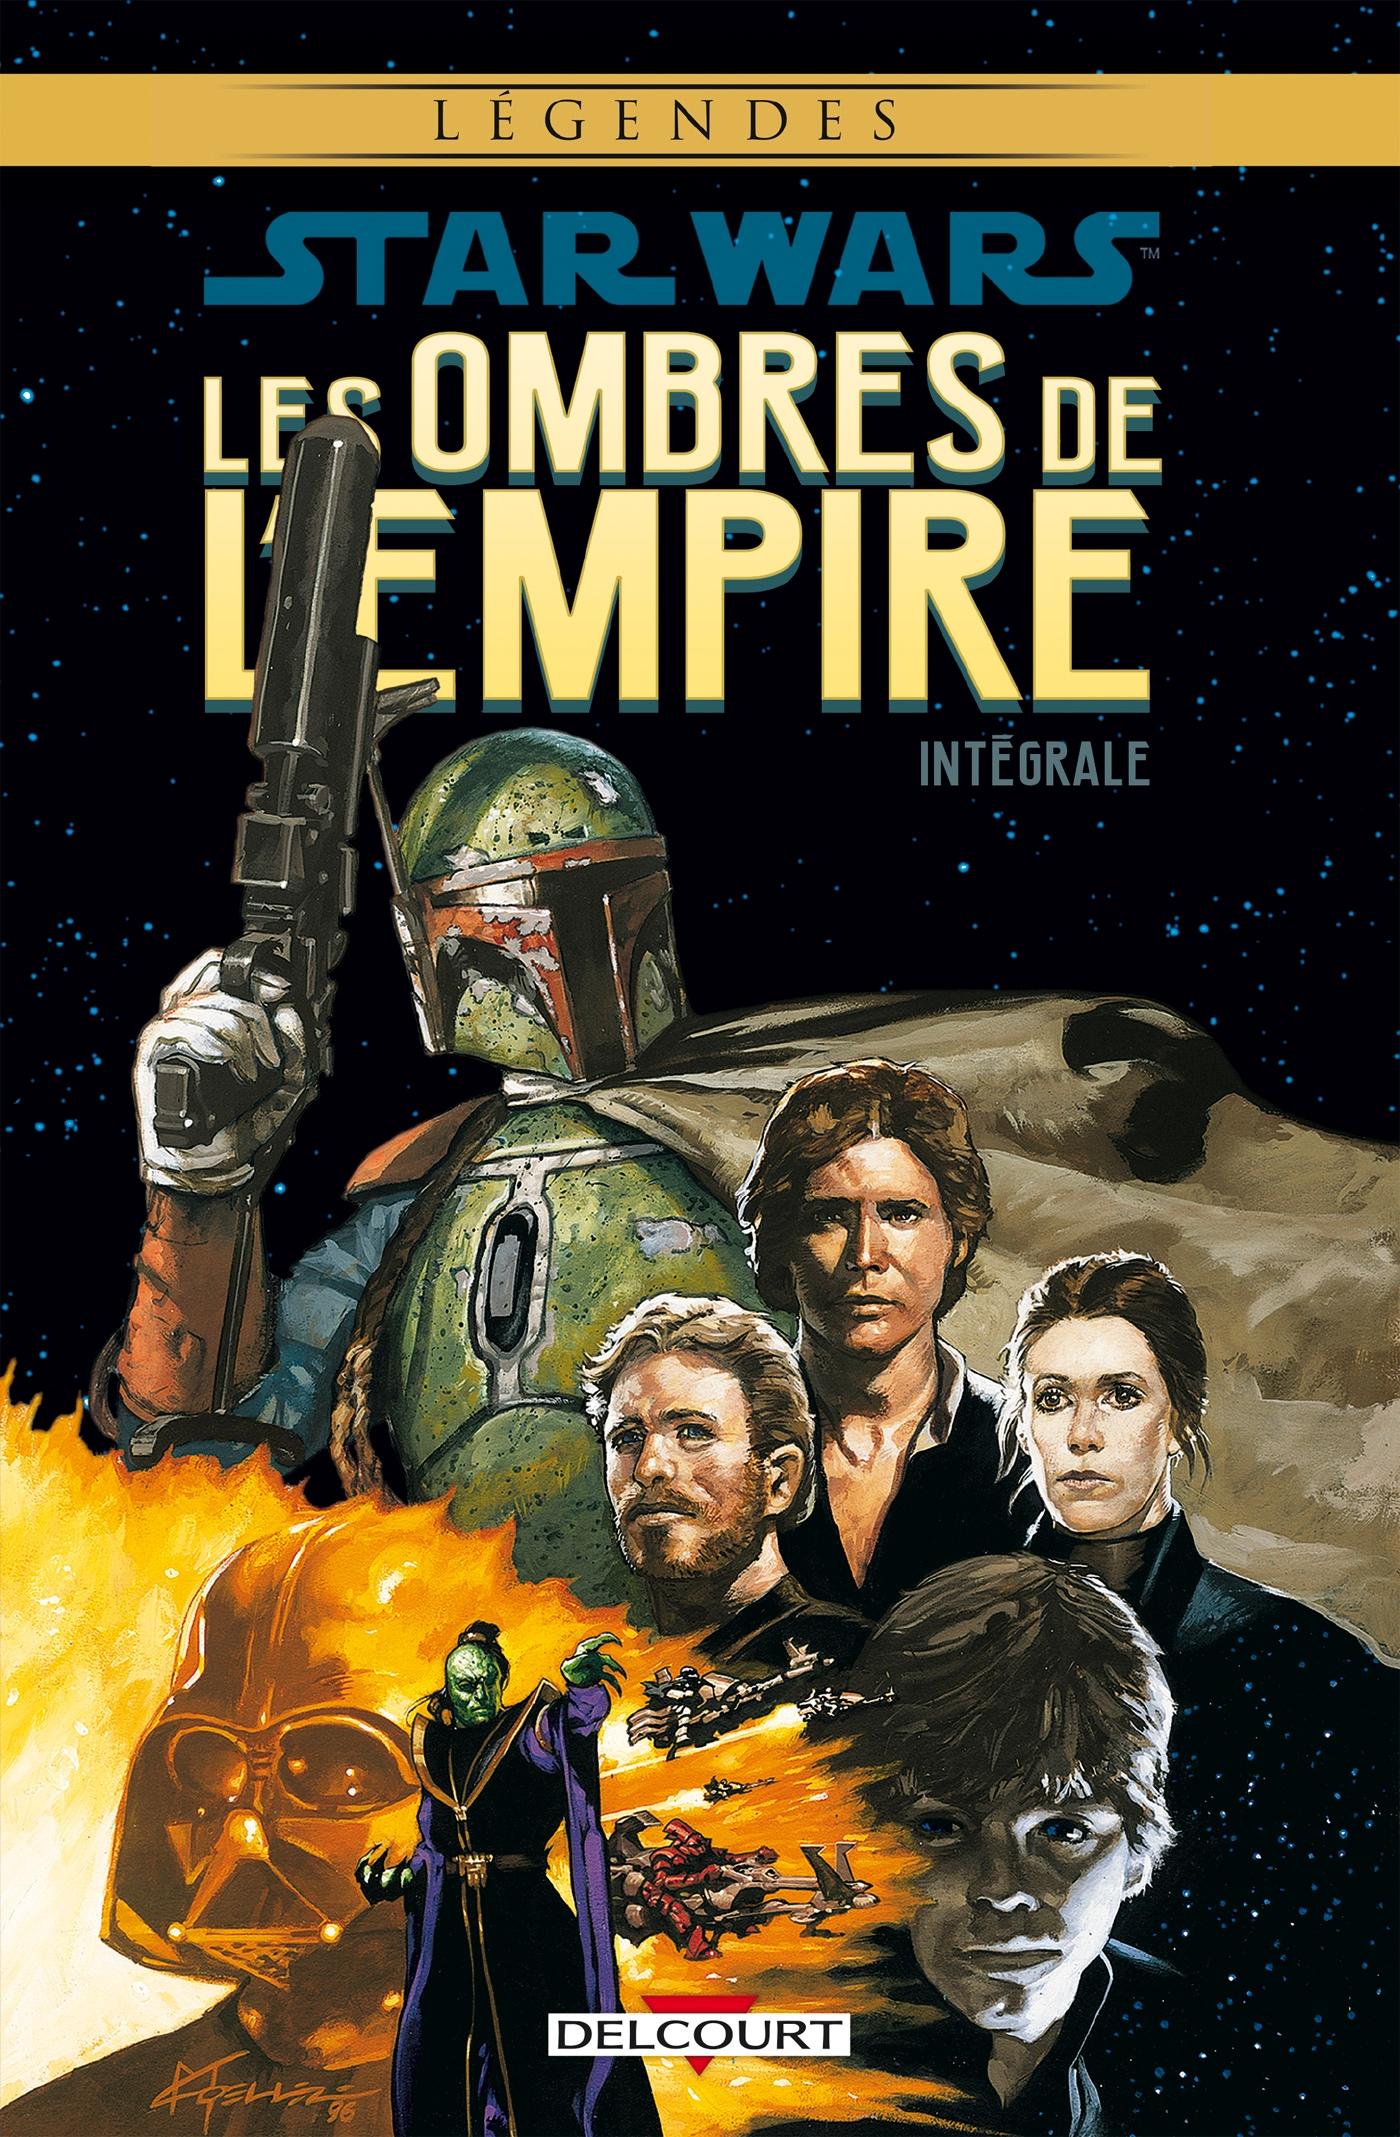 Star Wars - Les Ombres de l'Empire 1 - Les Ombres de L'Empire